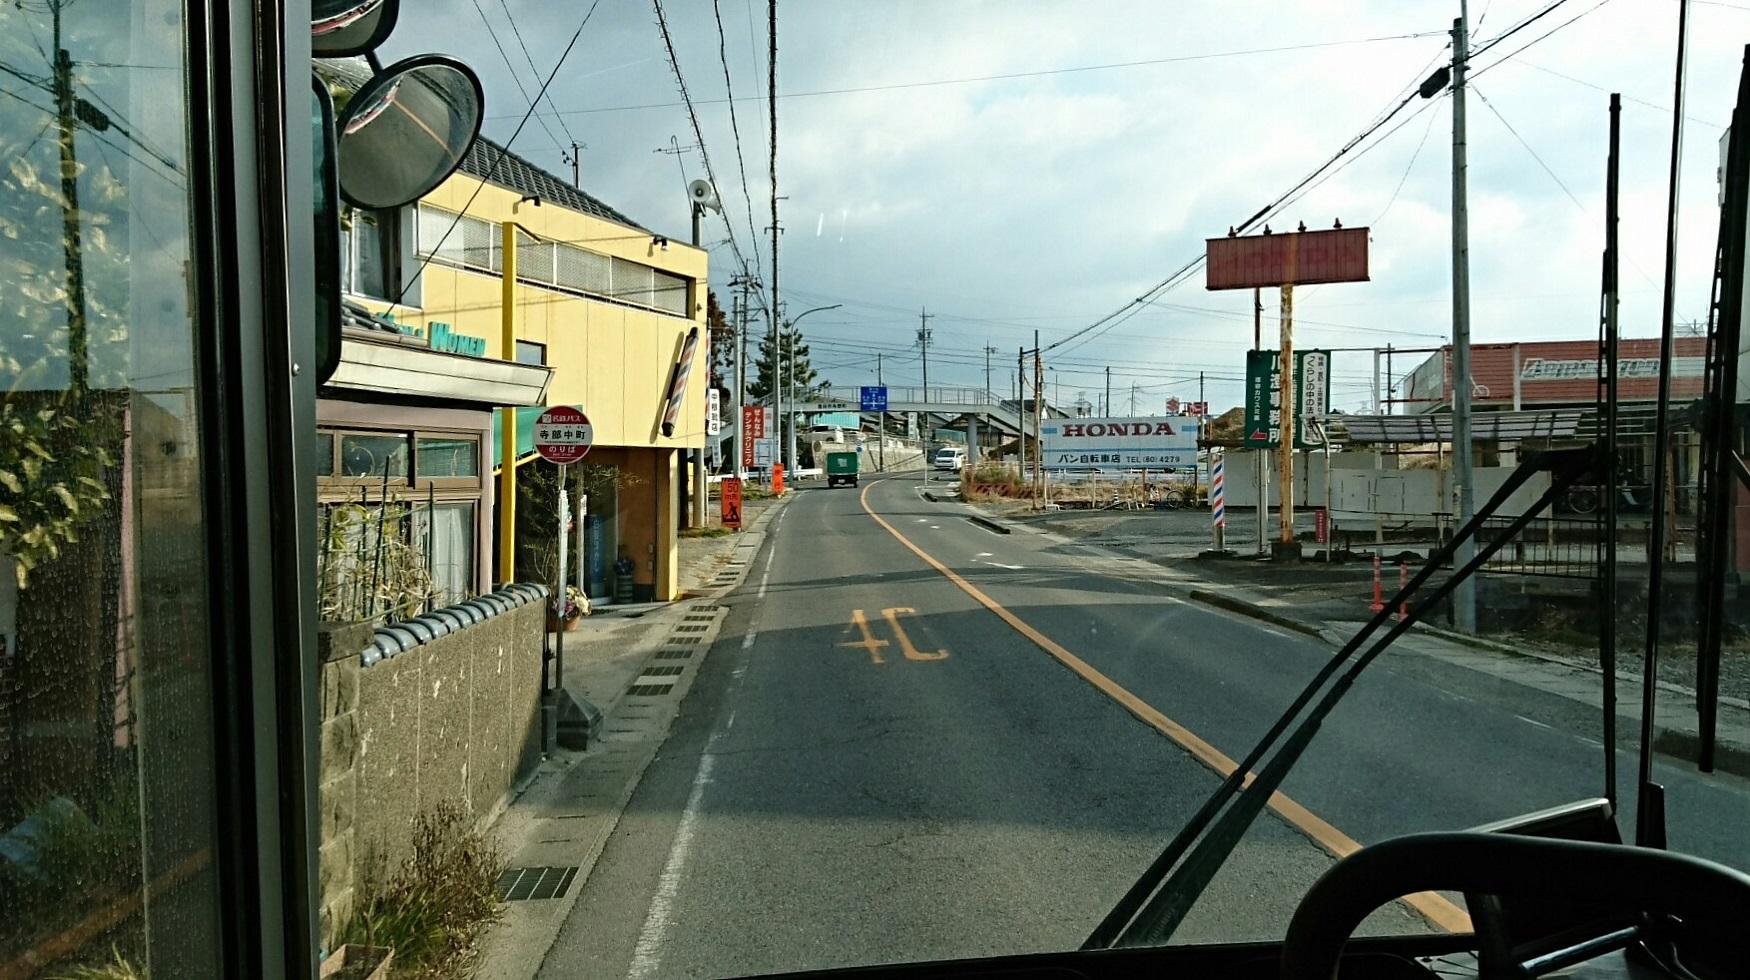 2018.2.5 東山住宅線 (23) 寺部中町バス停 1750-980